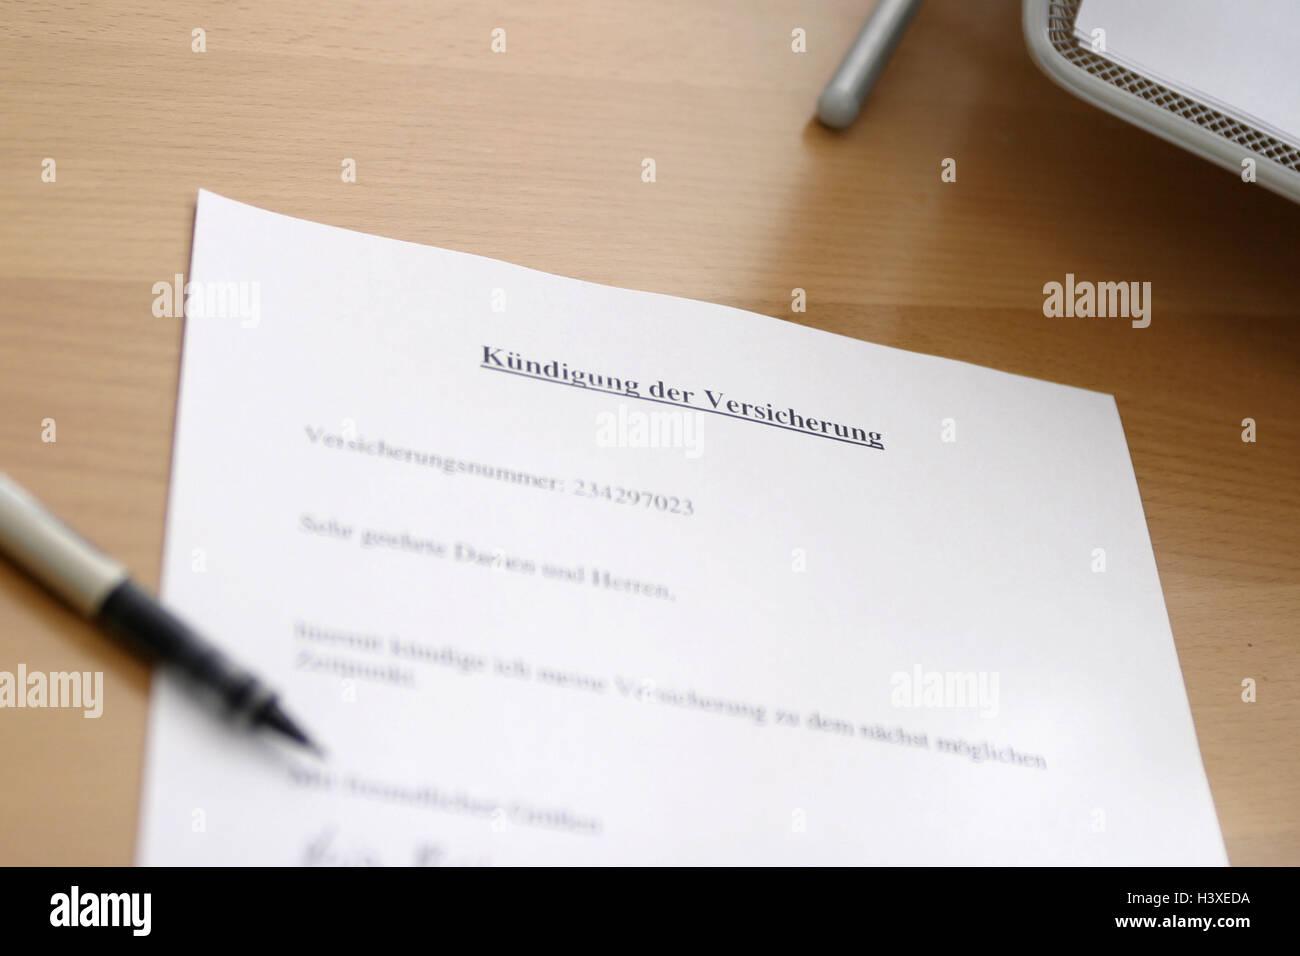 Dokument Kündigung Versicherung Schreibtisch Detail Stift